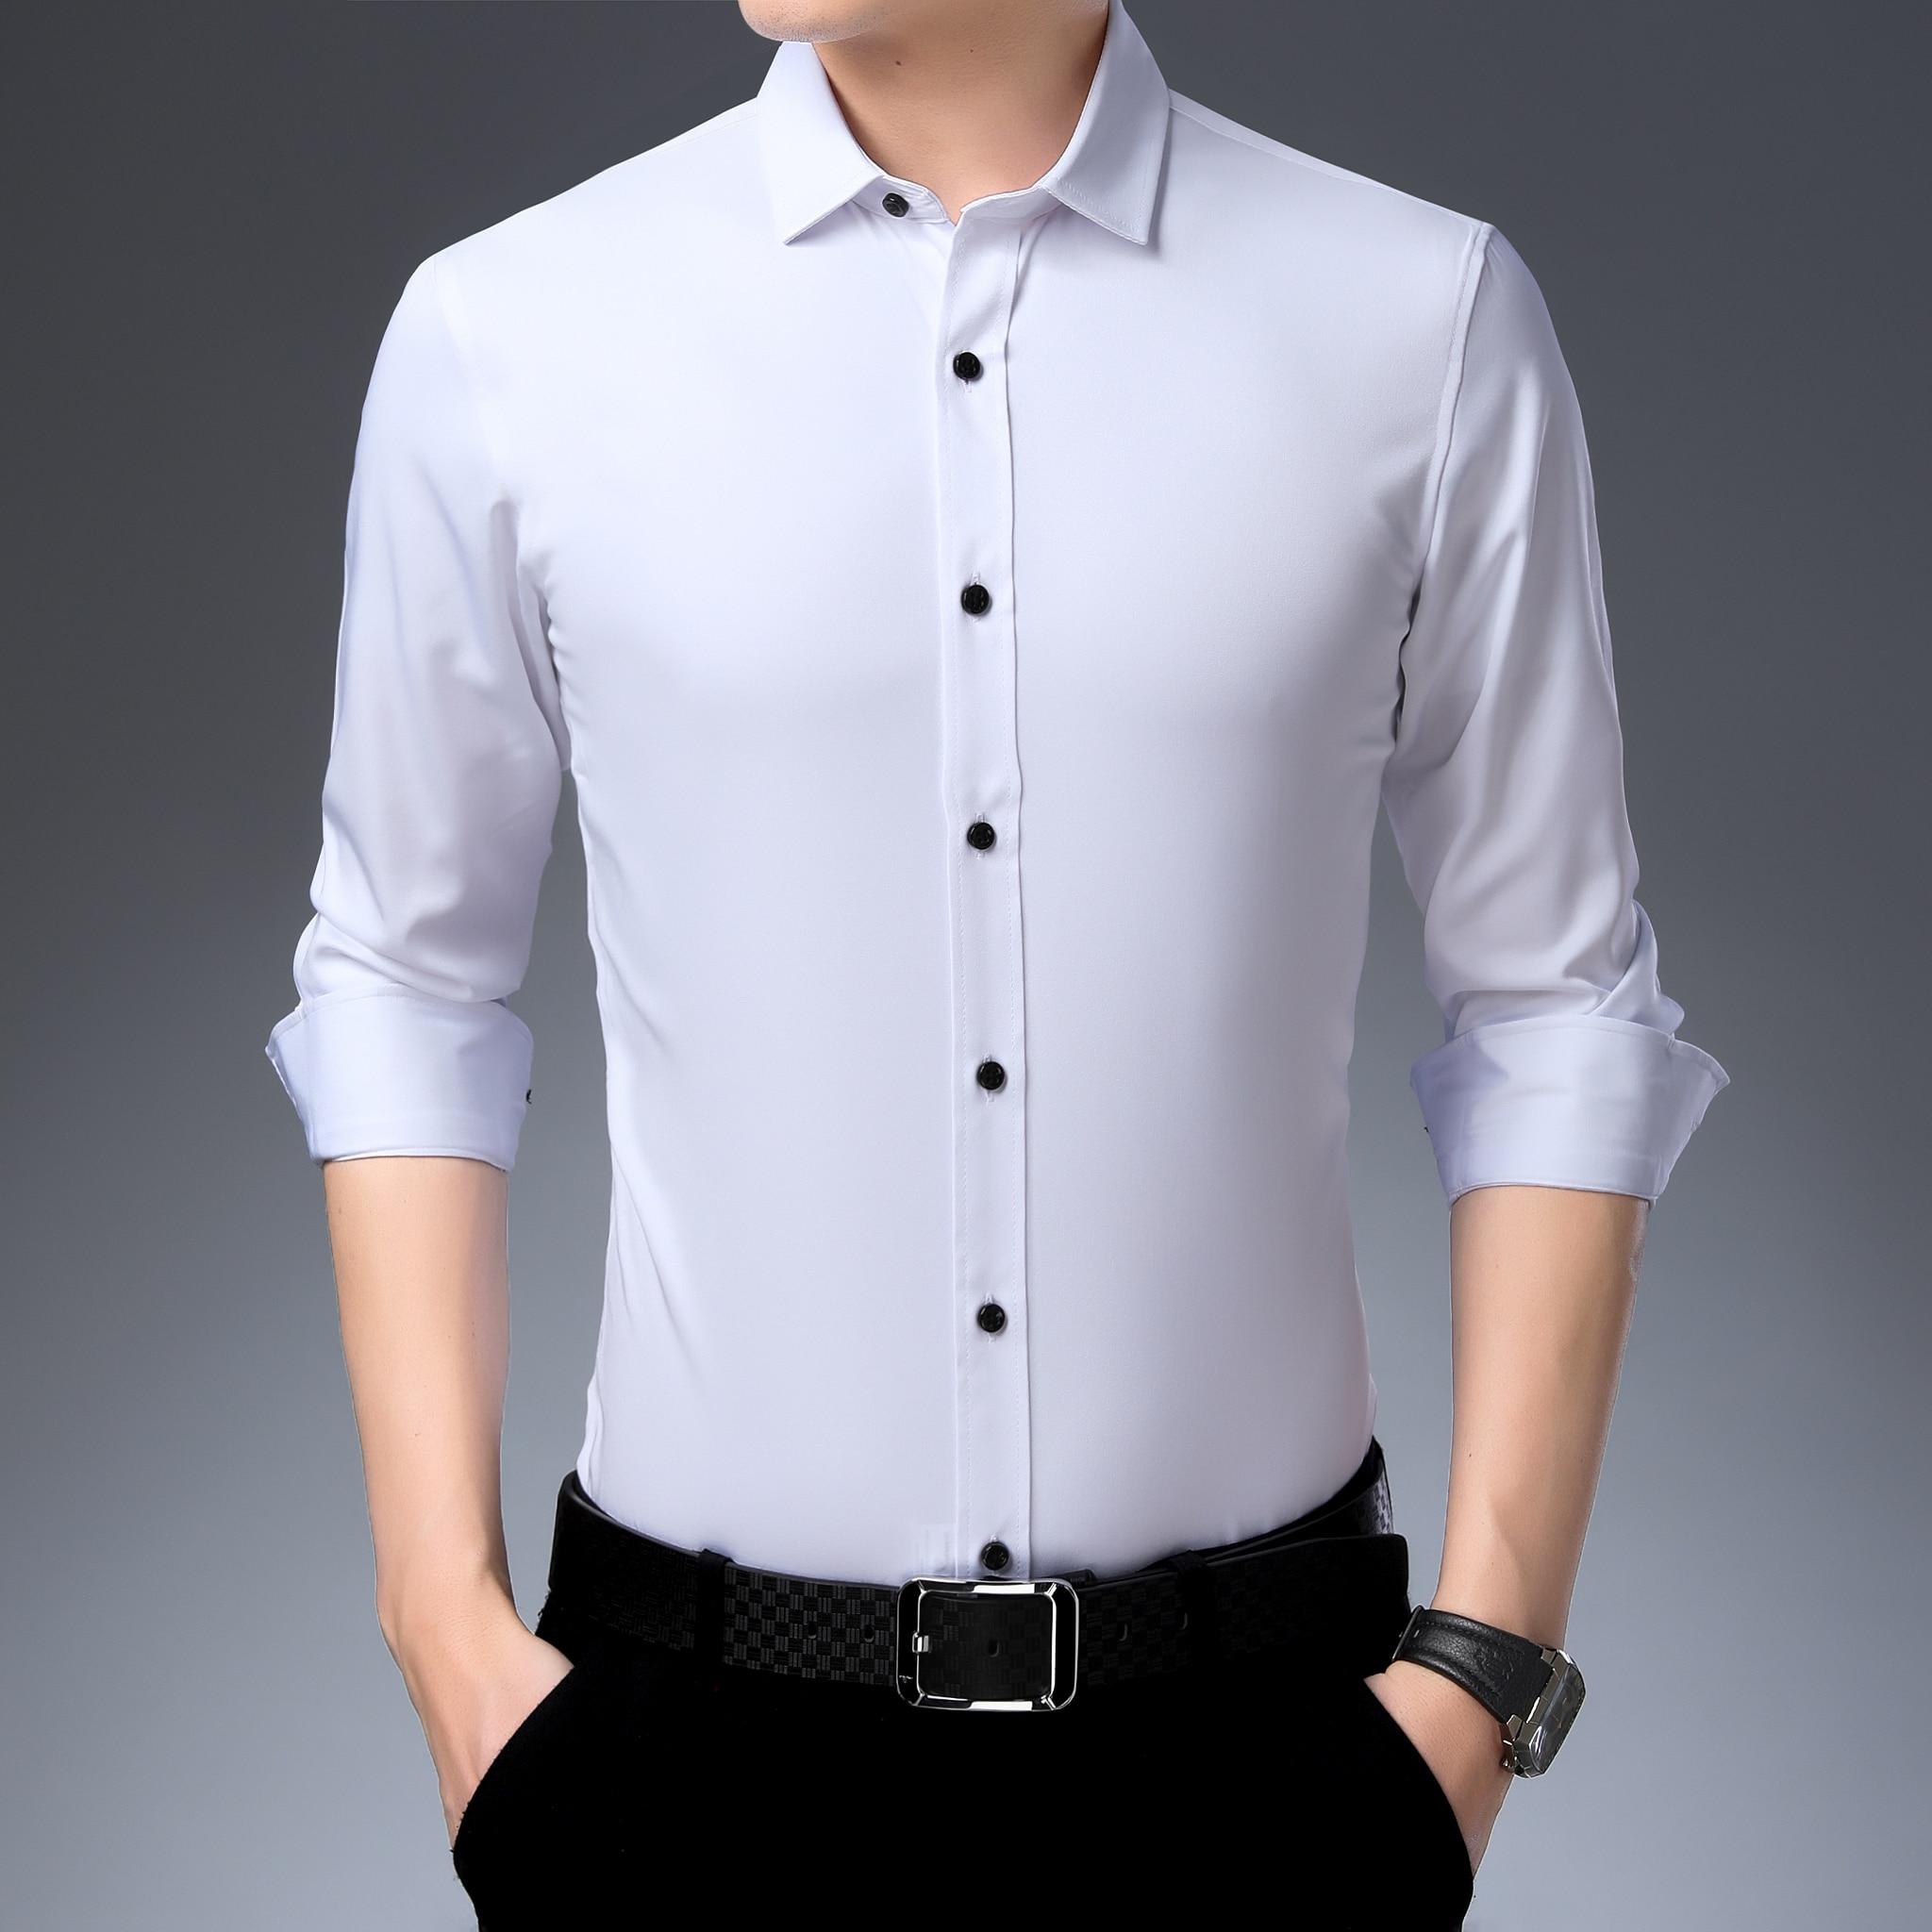 Manga Larga Camisa Bamb/ú Fibra Hombre Slim Fit Camisa El/ástica Formal Casual para Hombre